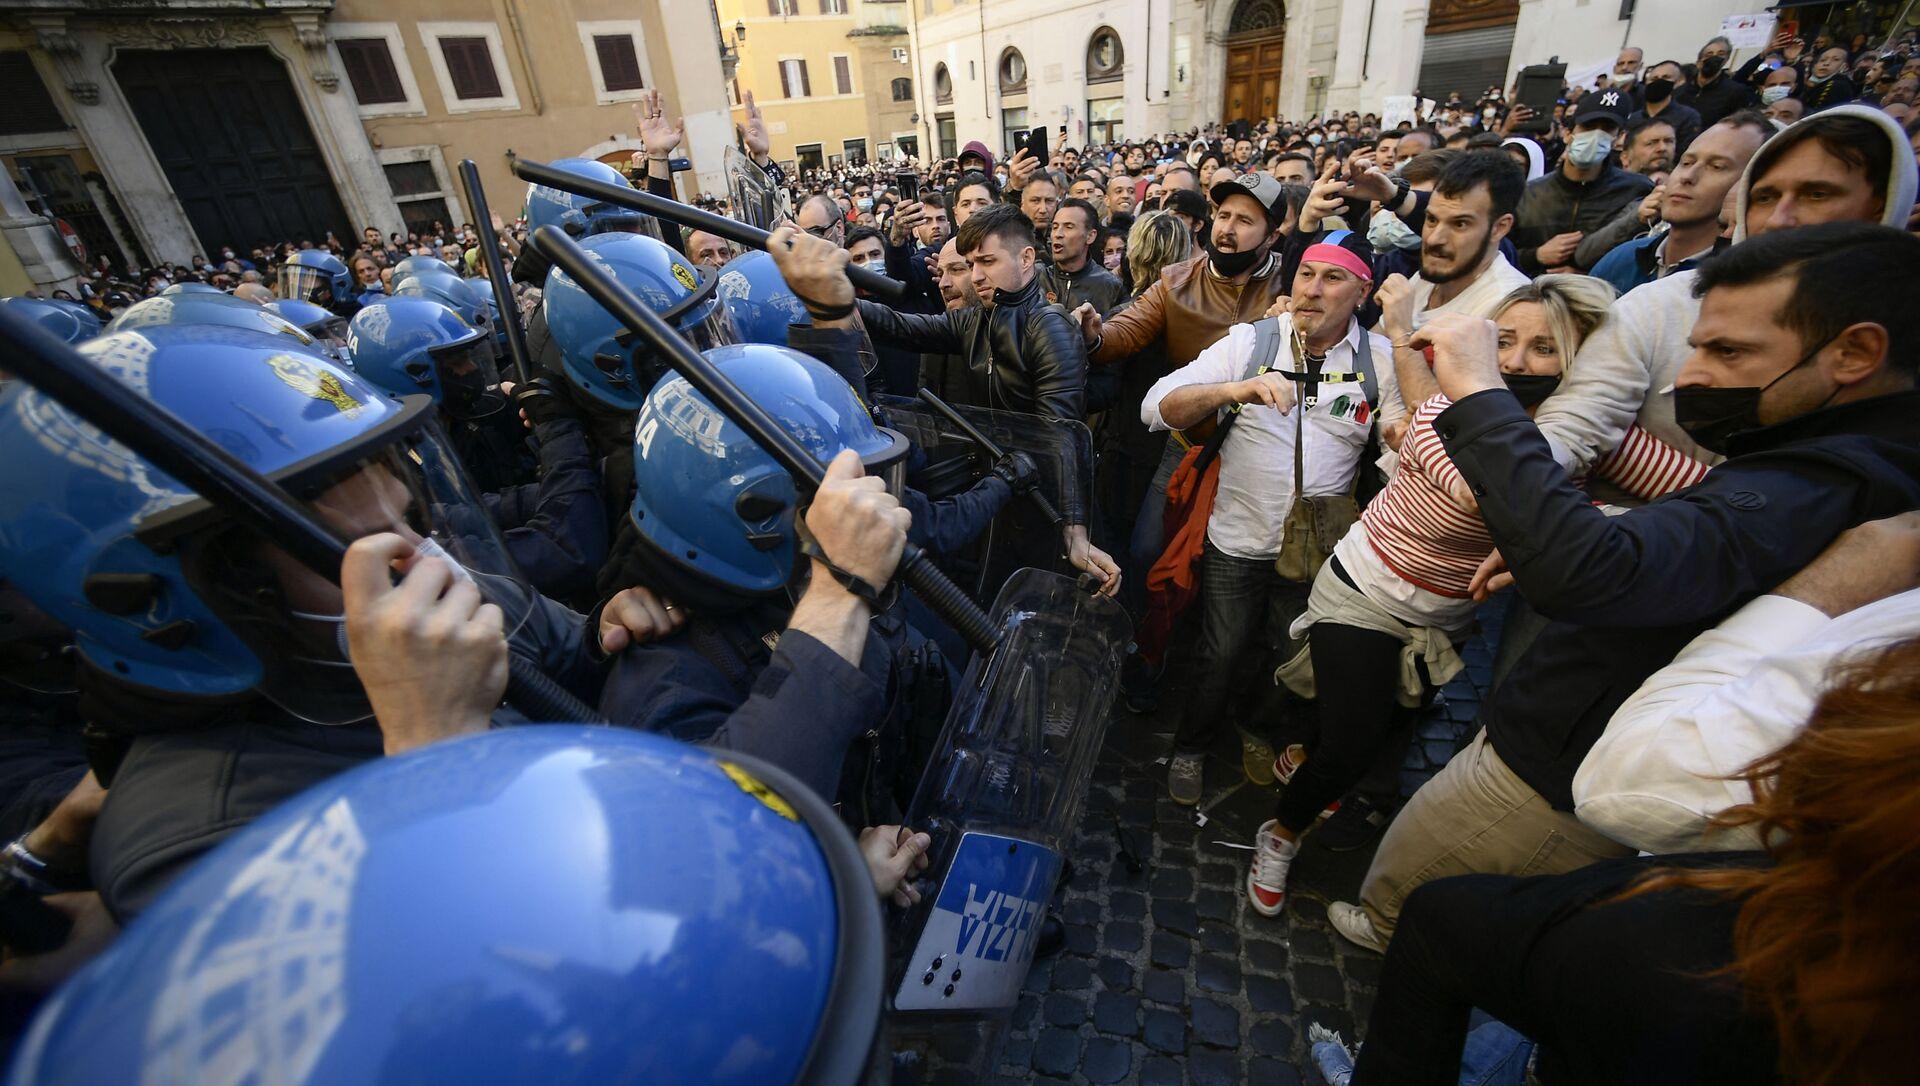 Полицейские используют дубинки против протестующих во время столкновений в рамках демонстрации владельцев малого бизнеса у здания парламента в Риме - Sputnik Italia, 1920, 11.04.2021